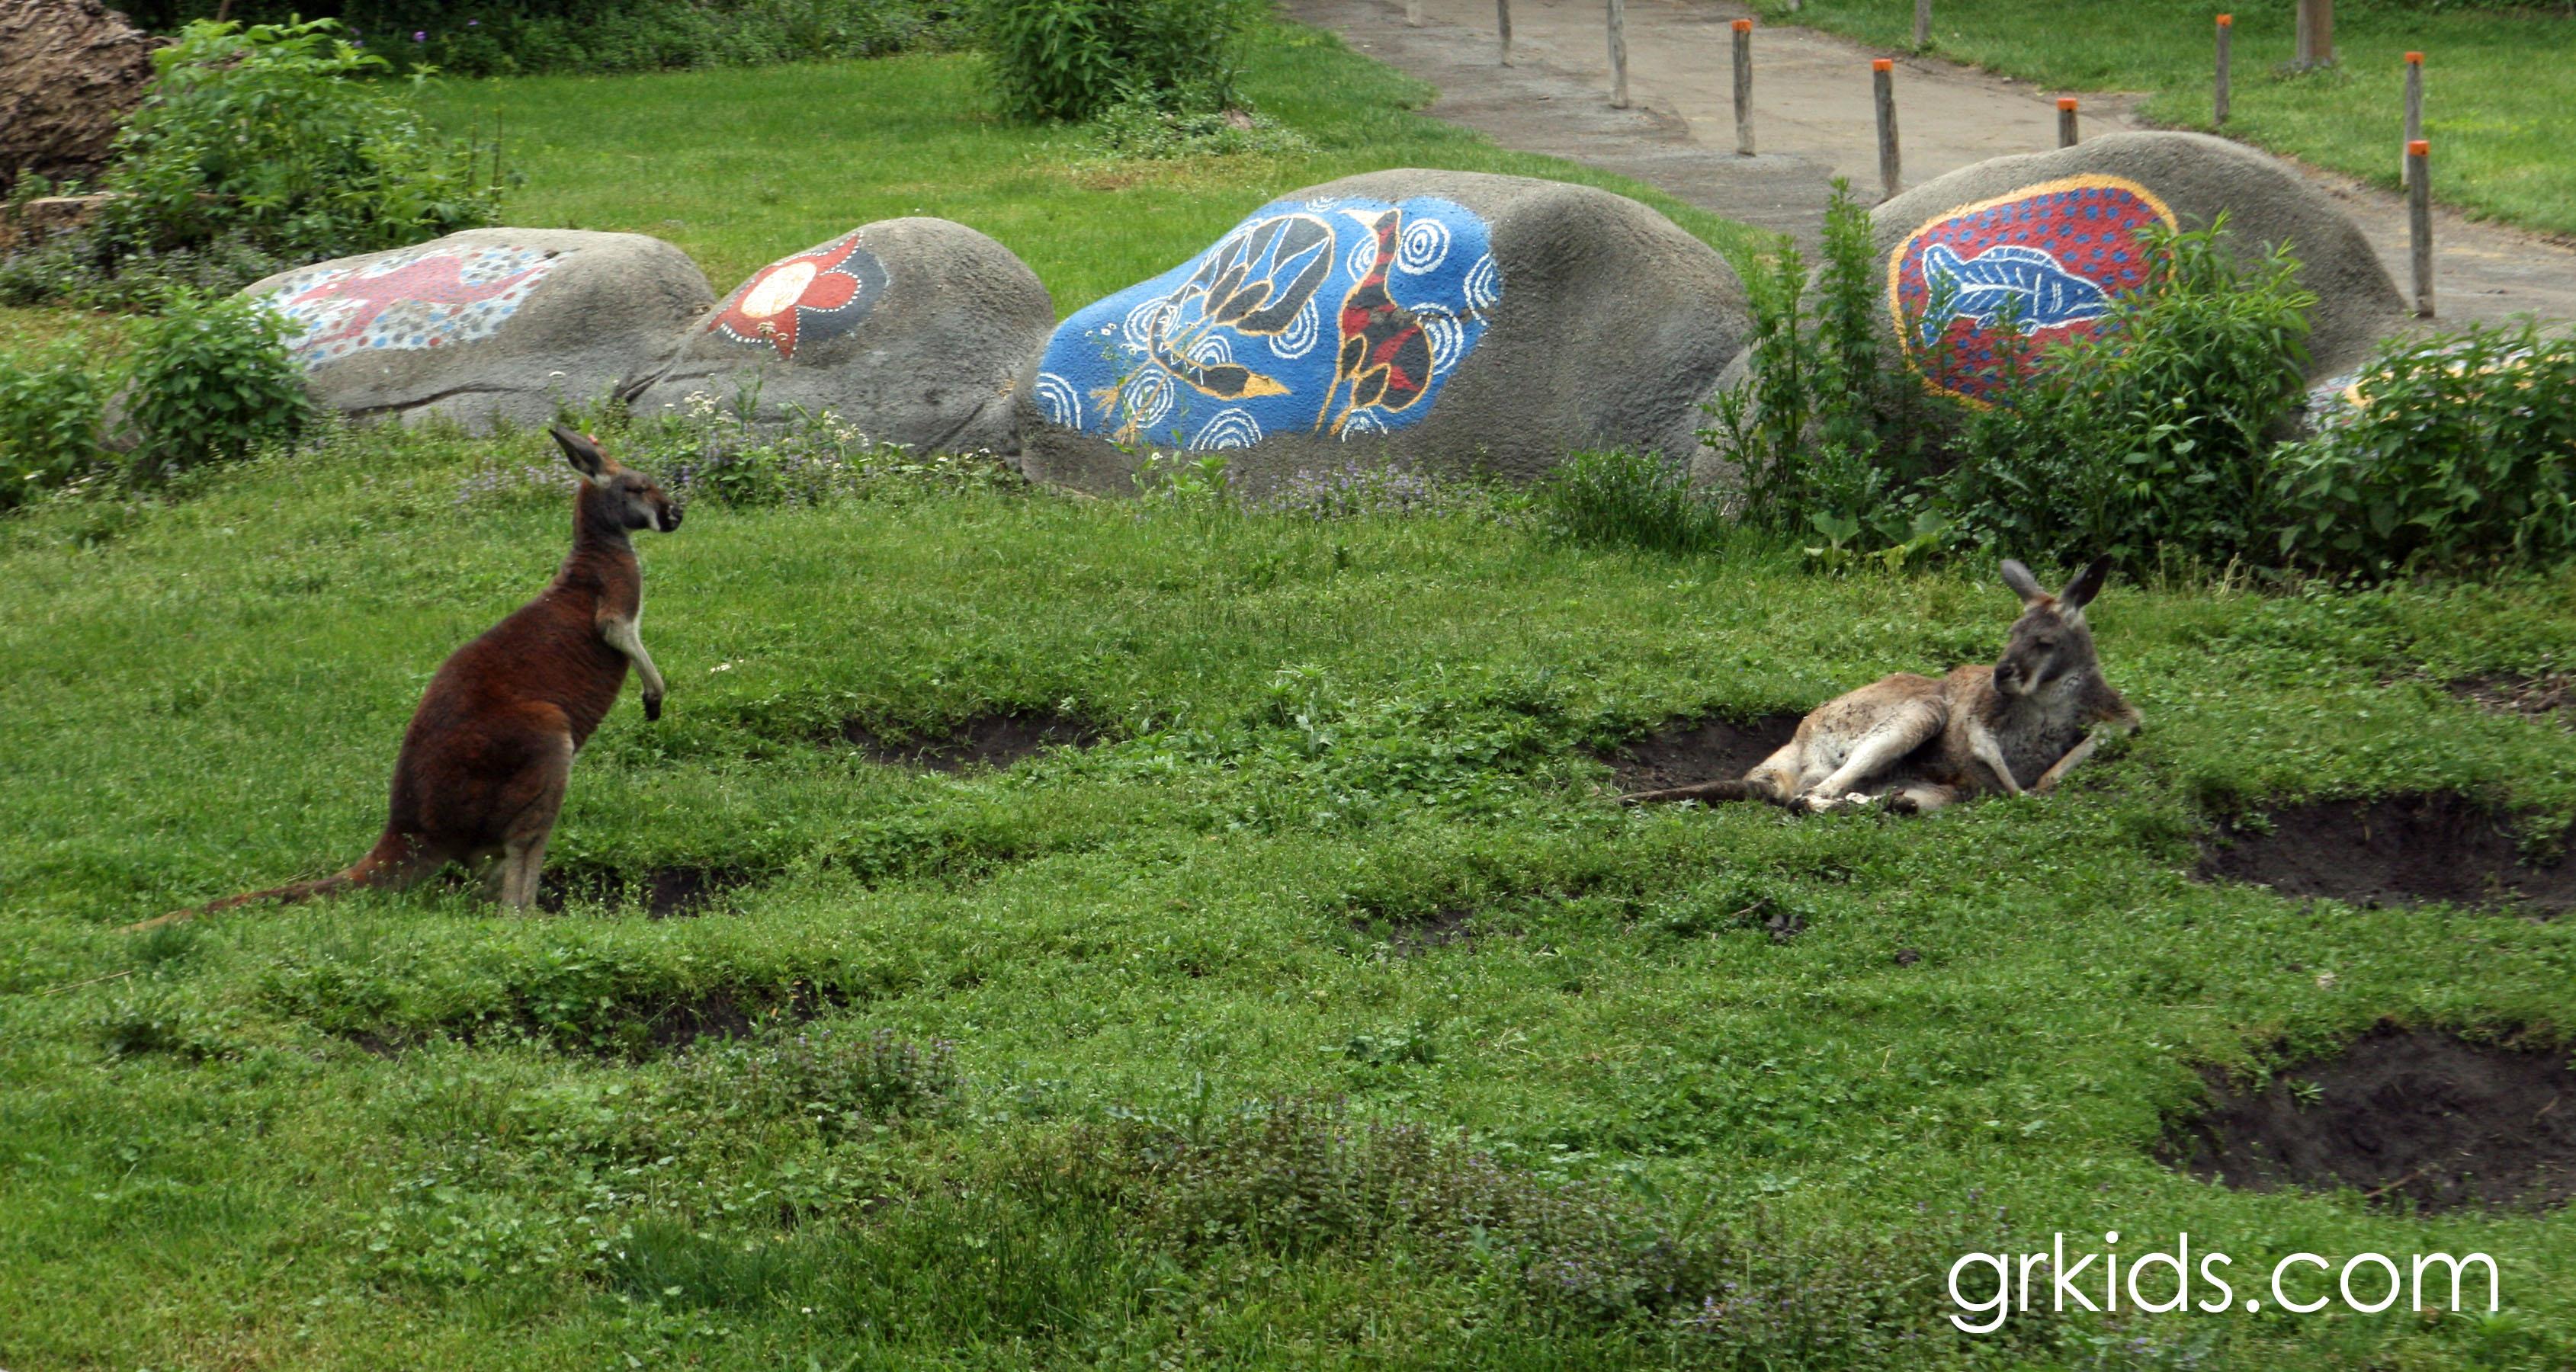 Why I Love the Detroit Zoo grkidscom